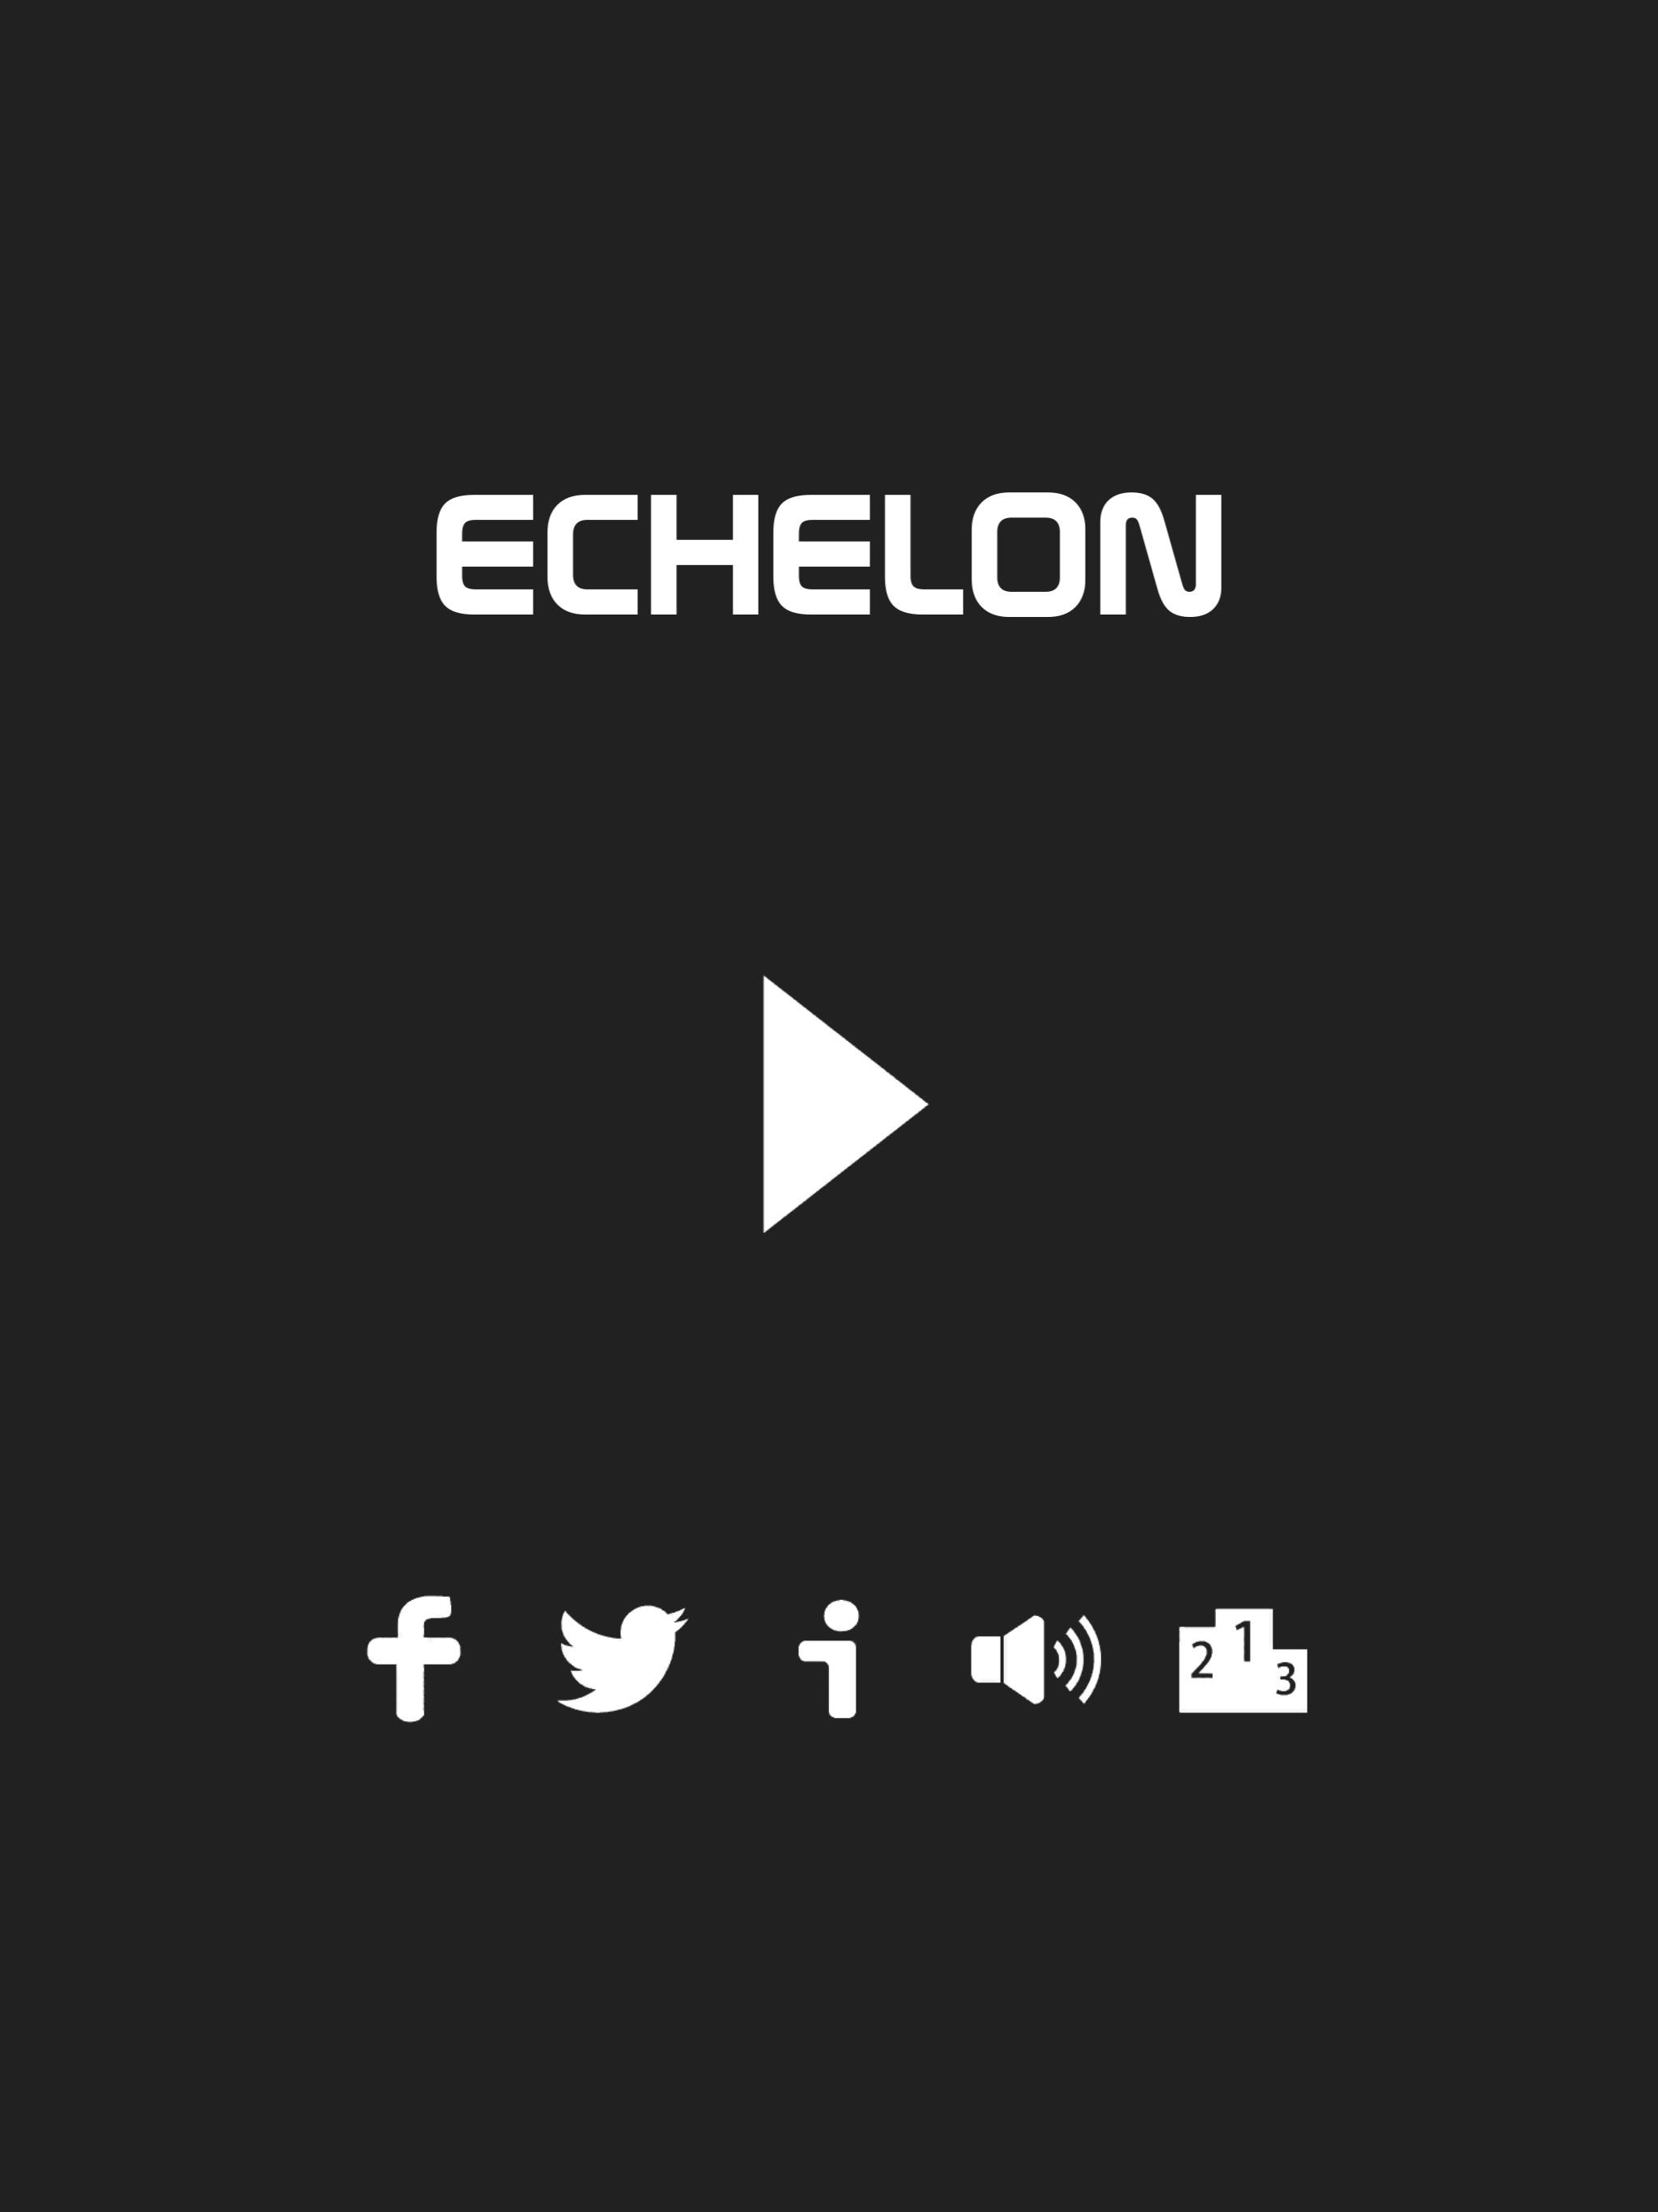 Echelon 2D